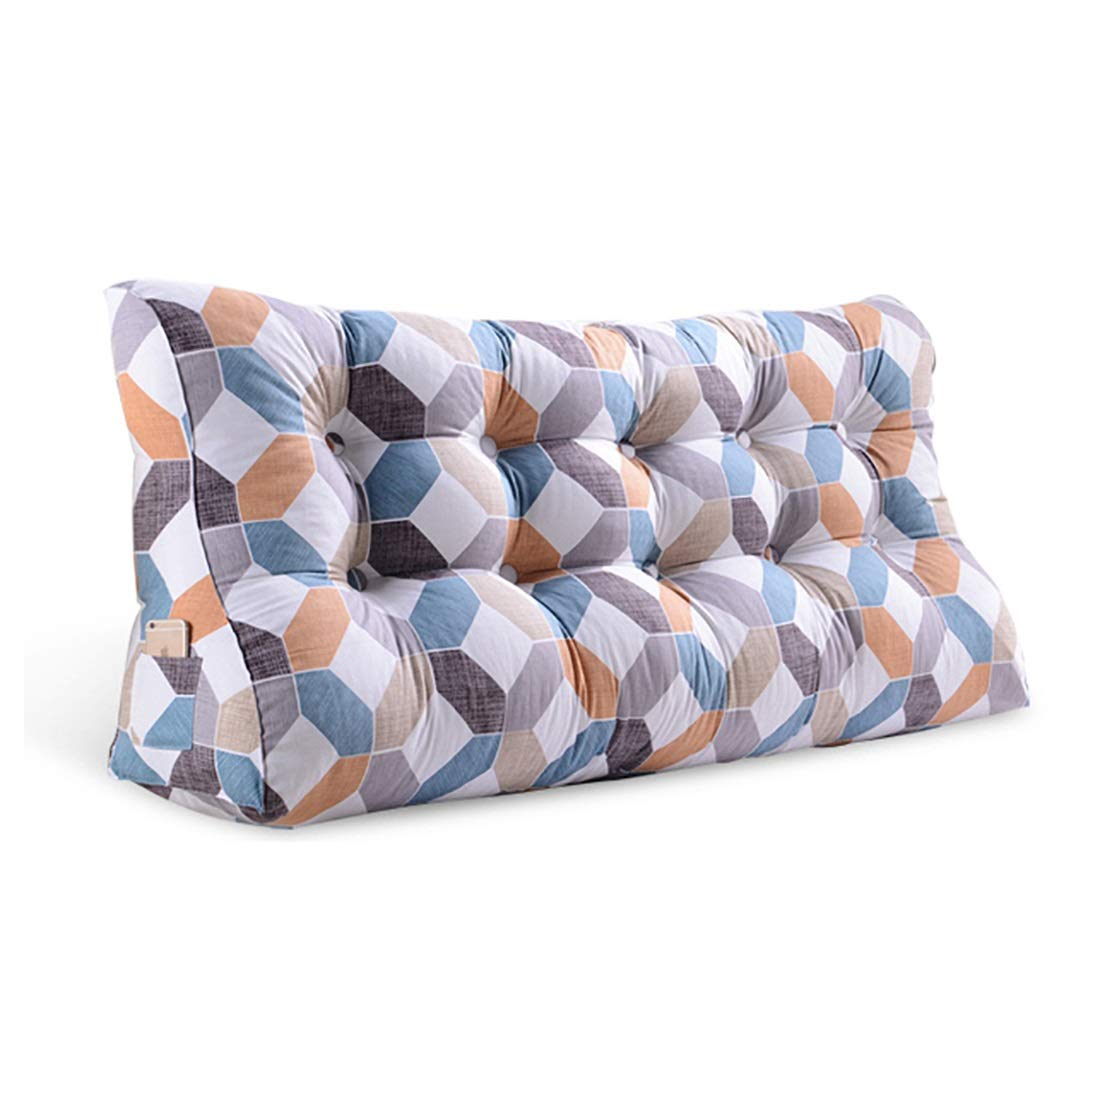 Cuscino Letto Dimensioni.Cuscino Cuscino Letto Triangolo Pad Divano Morbido Cuscino